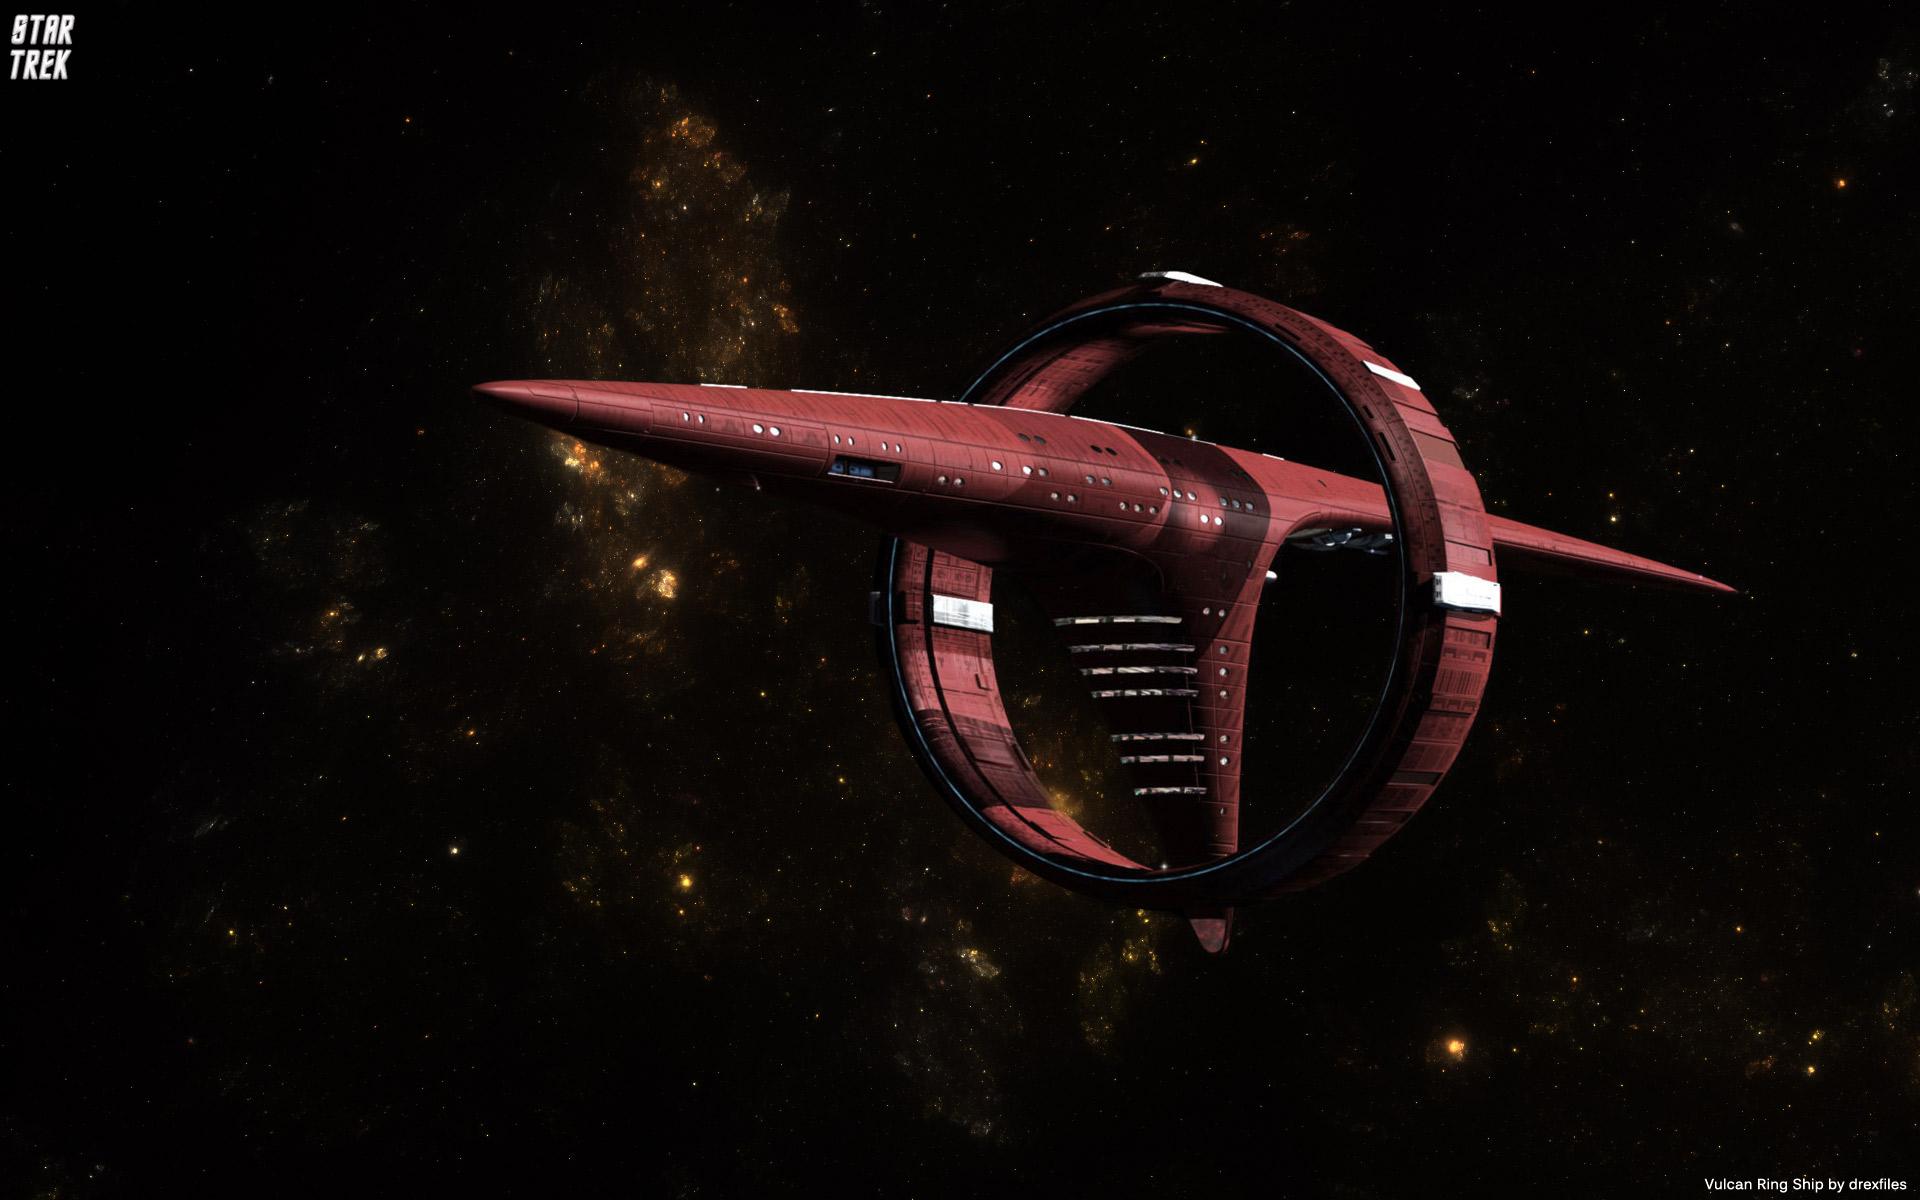 Star Trek Vulcan Ships wallpaper 254980 1920x1200